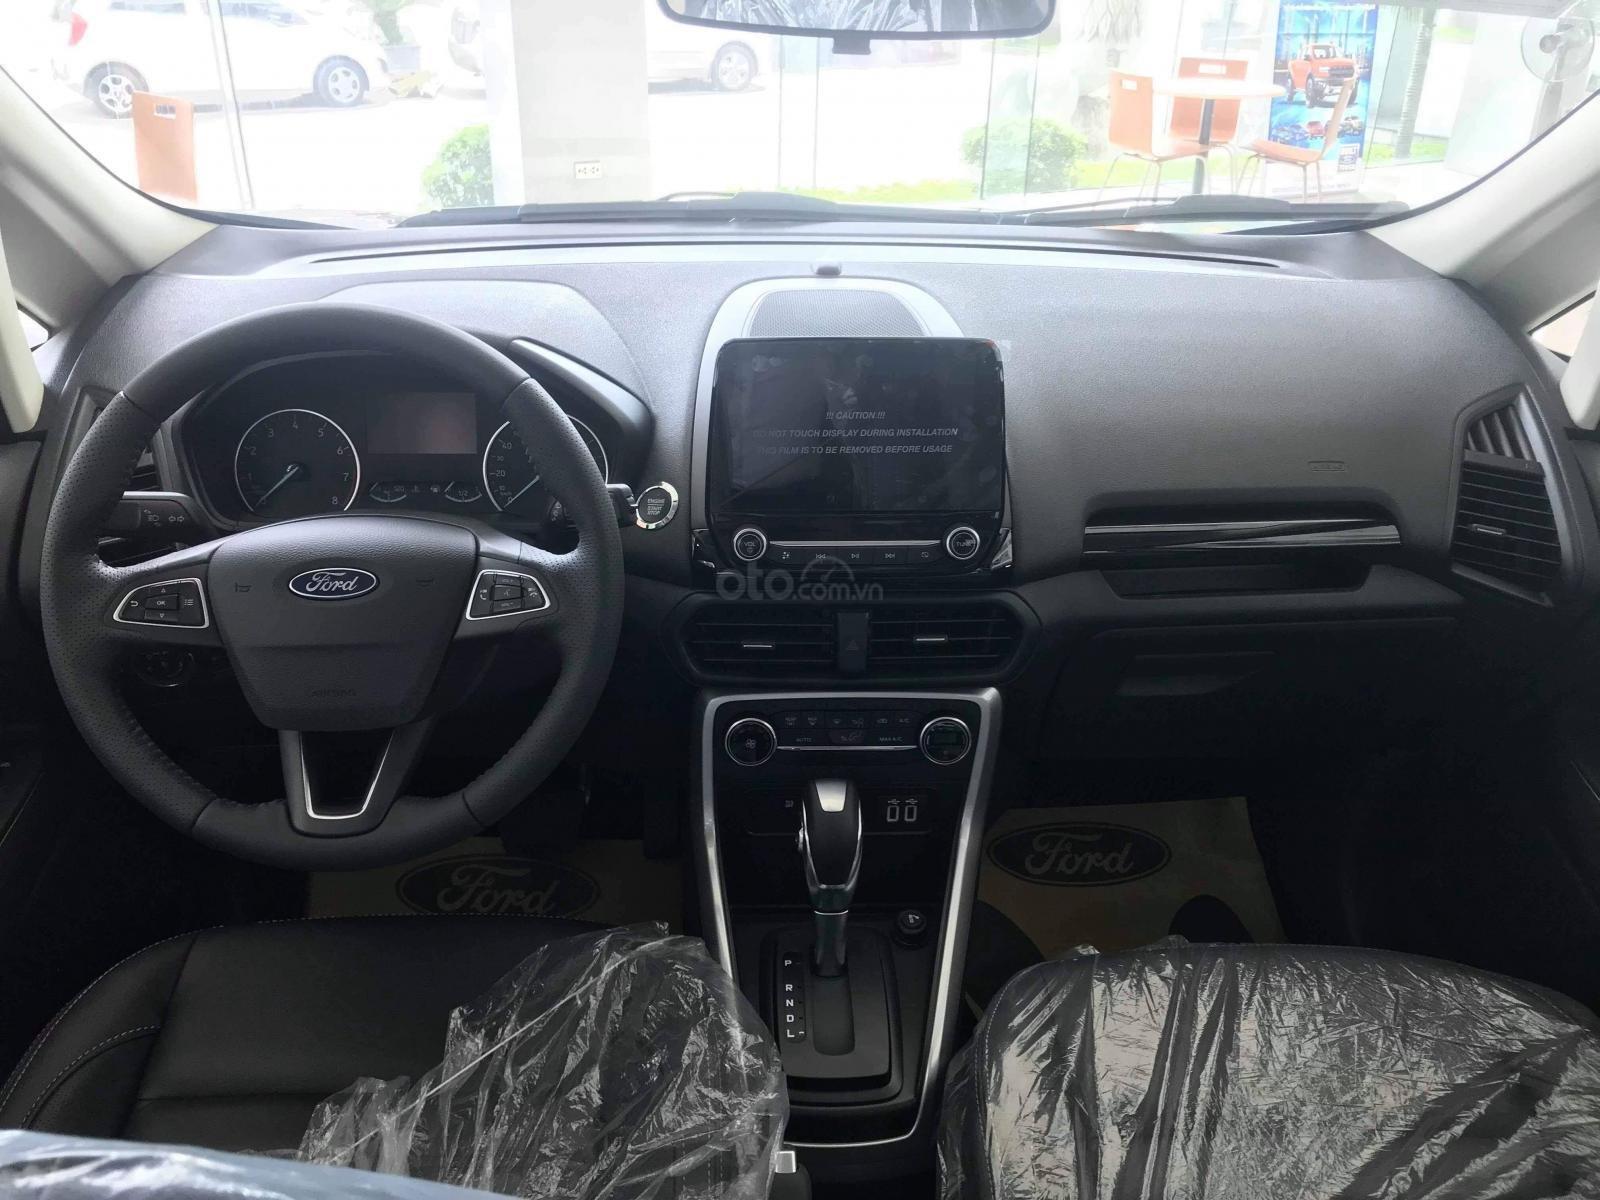 Bán xe Ford 5 chỗ Ecosport giảm tiền mặt lên đến 30 triệu đồng giao ngay tại Vinh, Nghệ An-2